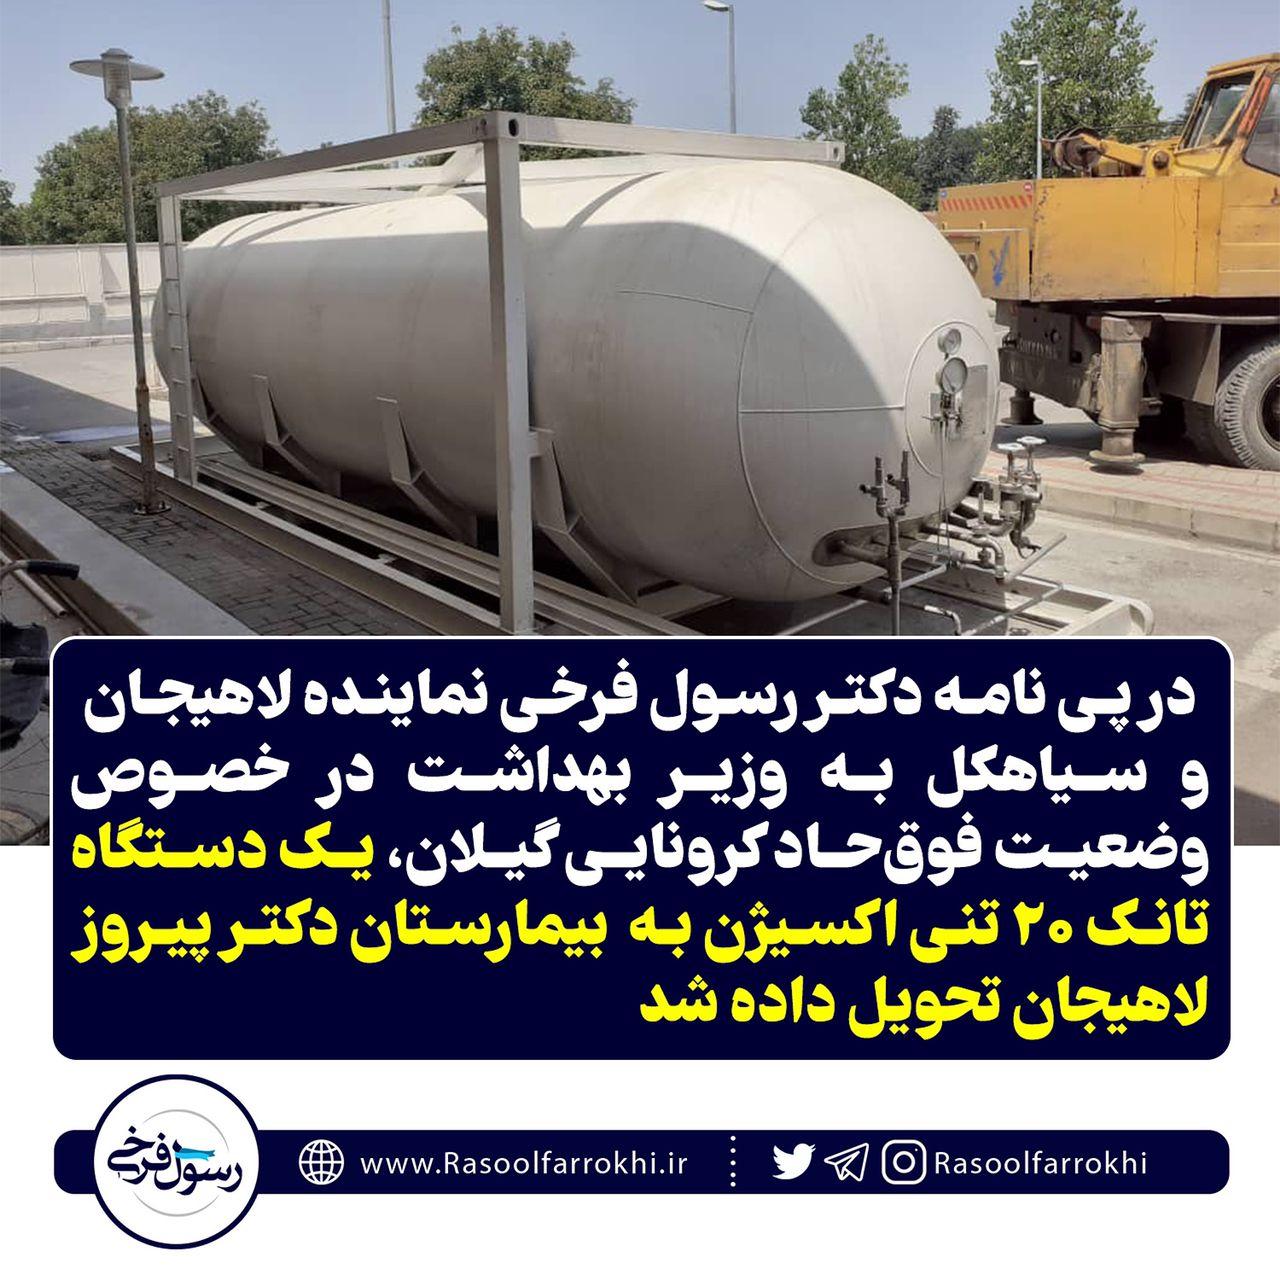 تحویل یک دستگاه تانک بیست تنی اکسیژن به بیمارستان دکتر پیروز لاهیجان